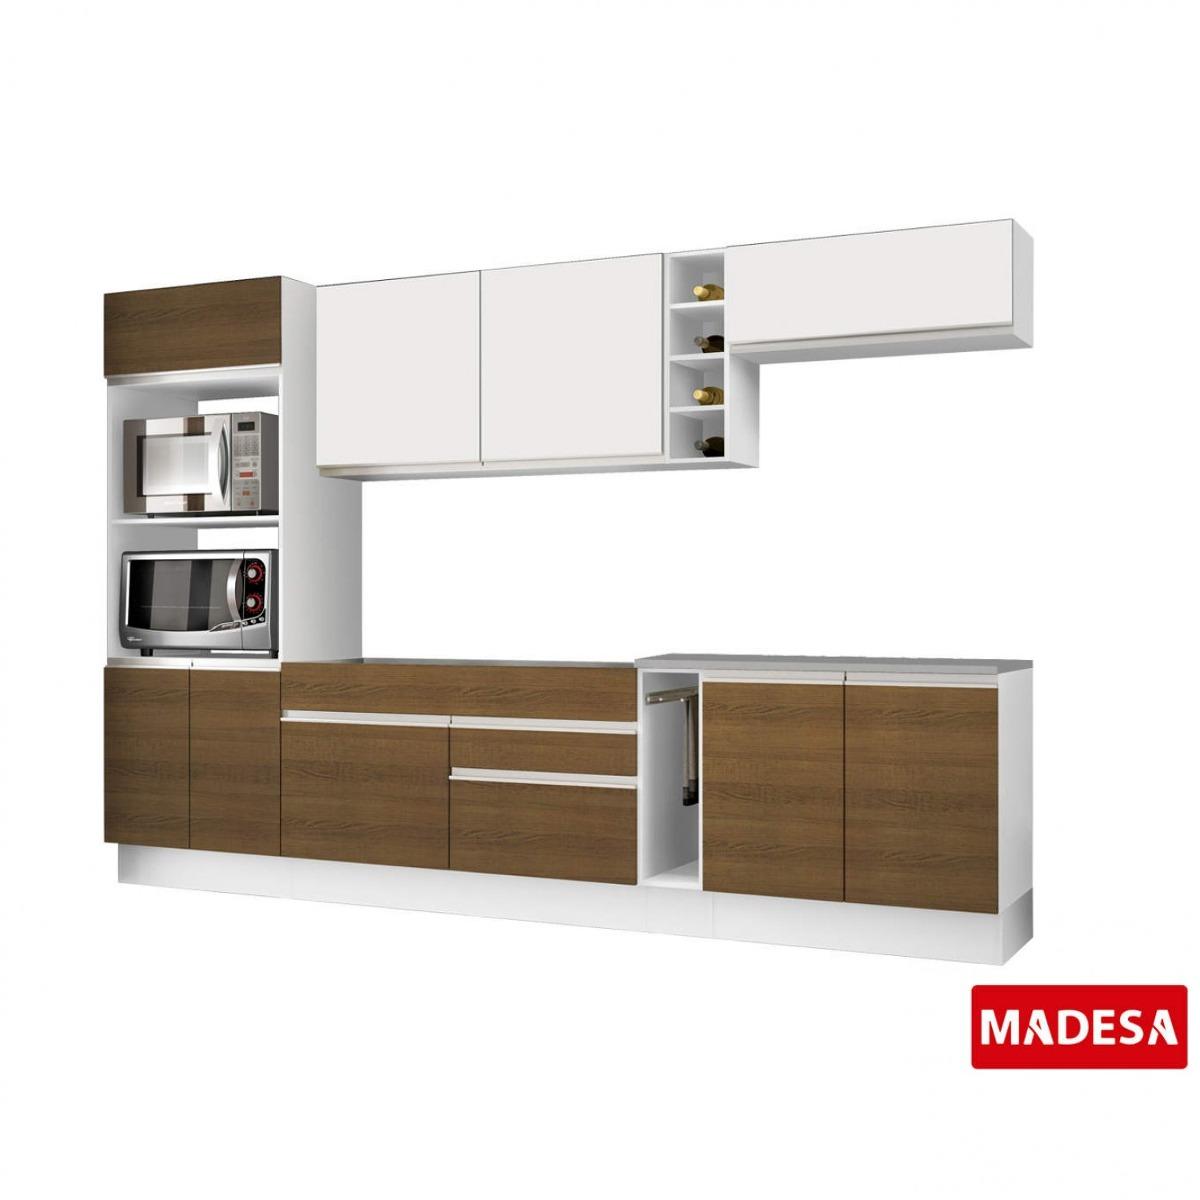 Cozinha Completa Com Balc O Sem Pia E Tampo 7 Pe As Ia R 1 489 90